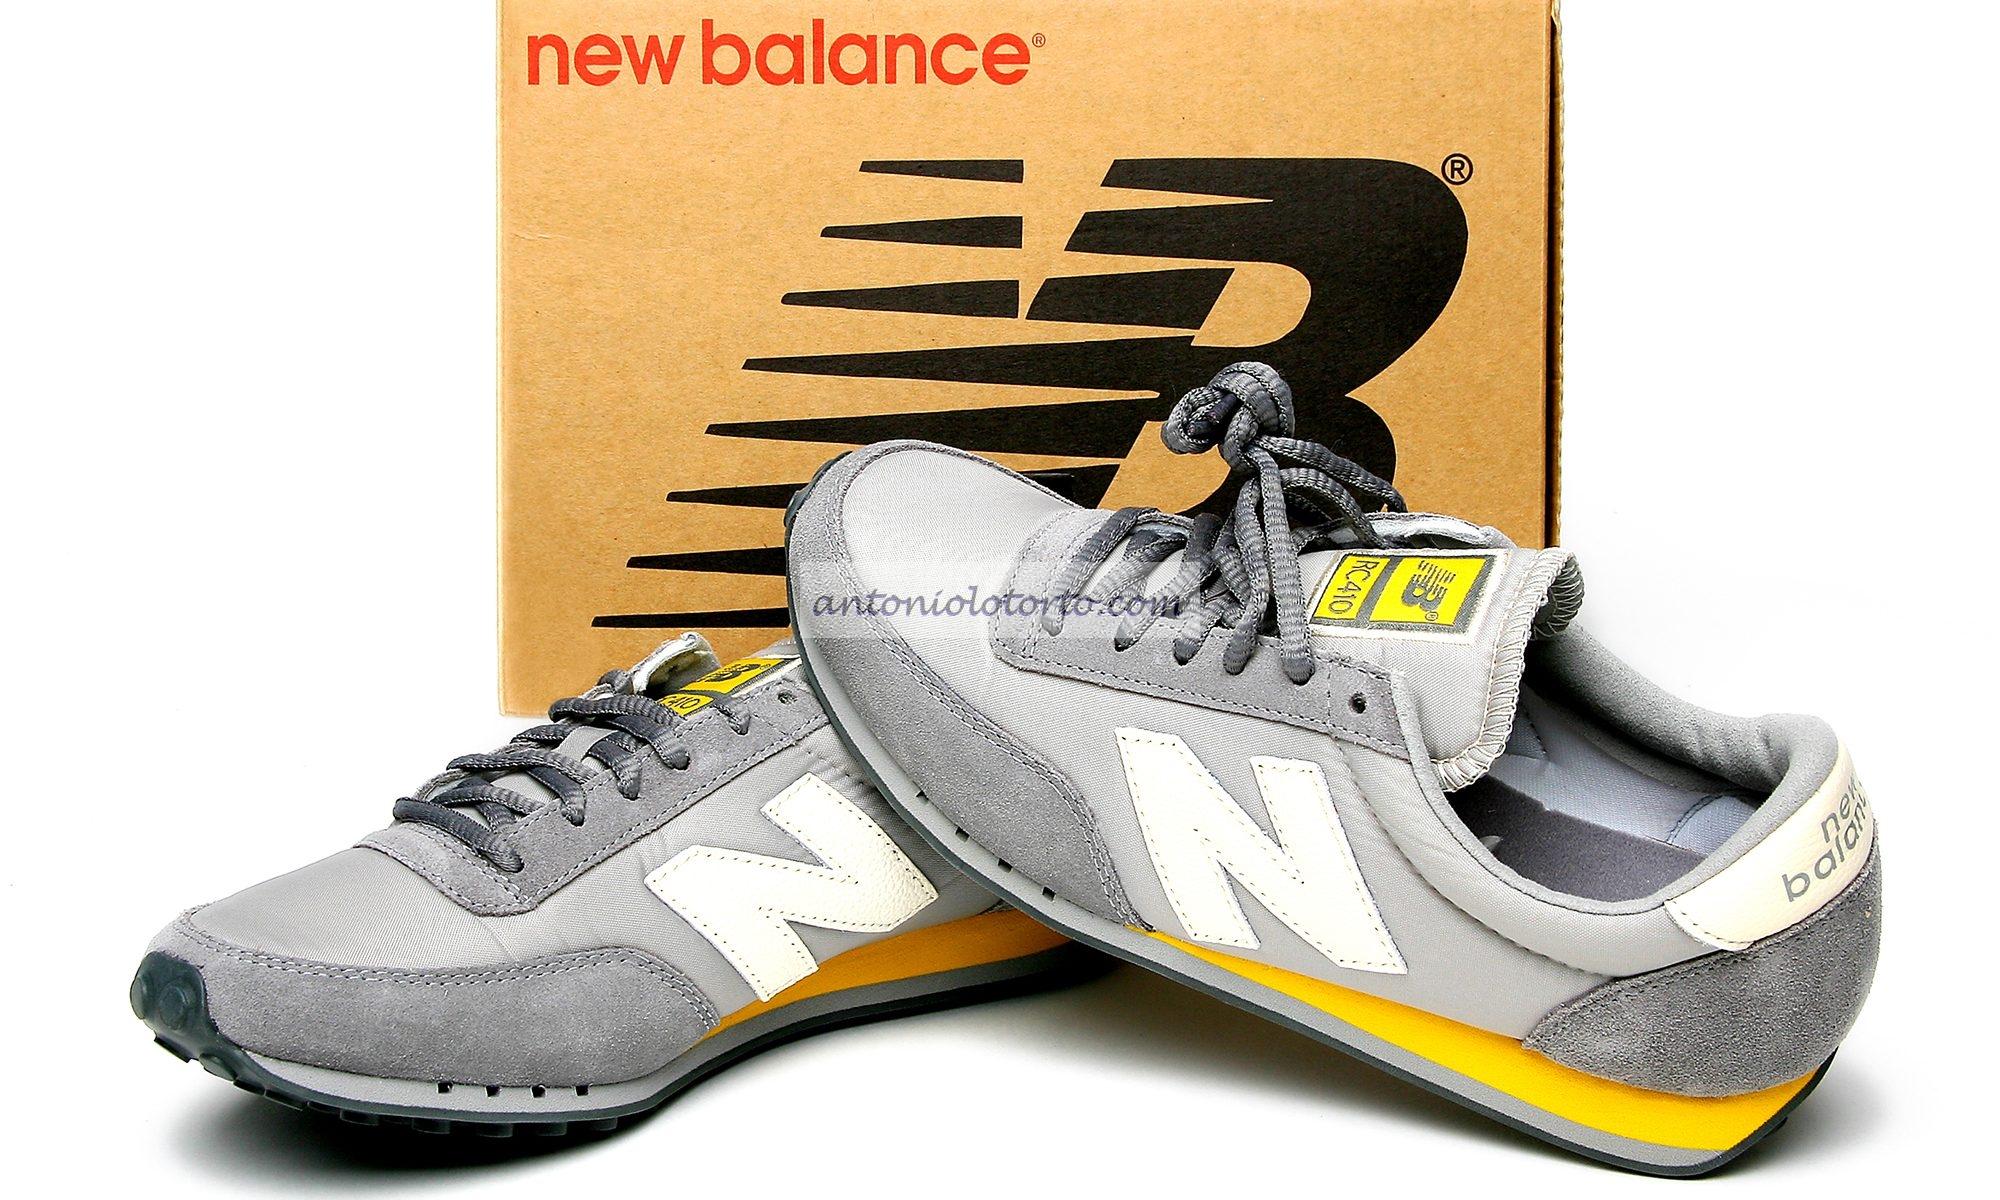 scarpe new balance mod 410-foto-pubblicità-cataloghi-still-life-antoniolotorto.com